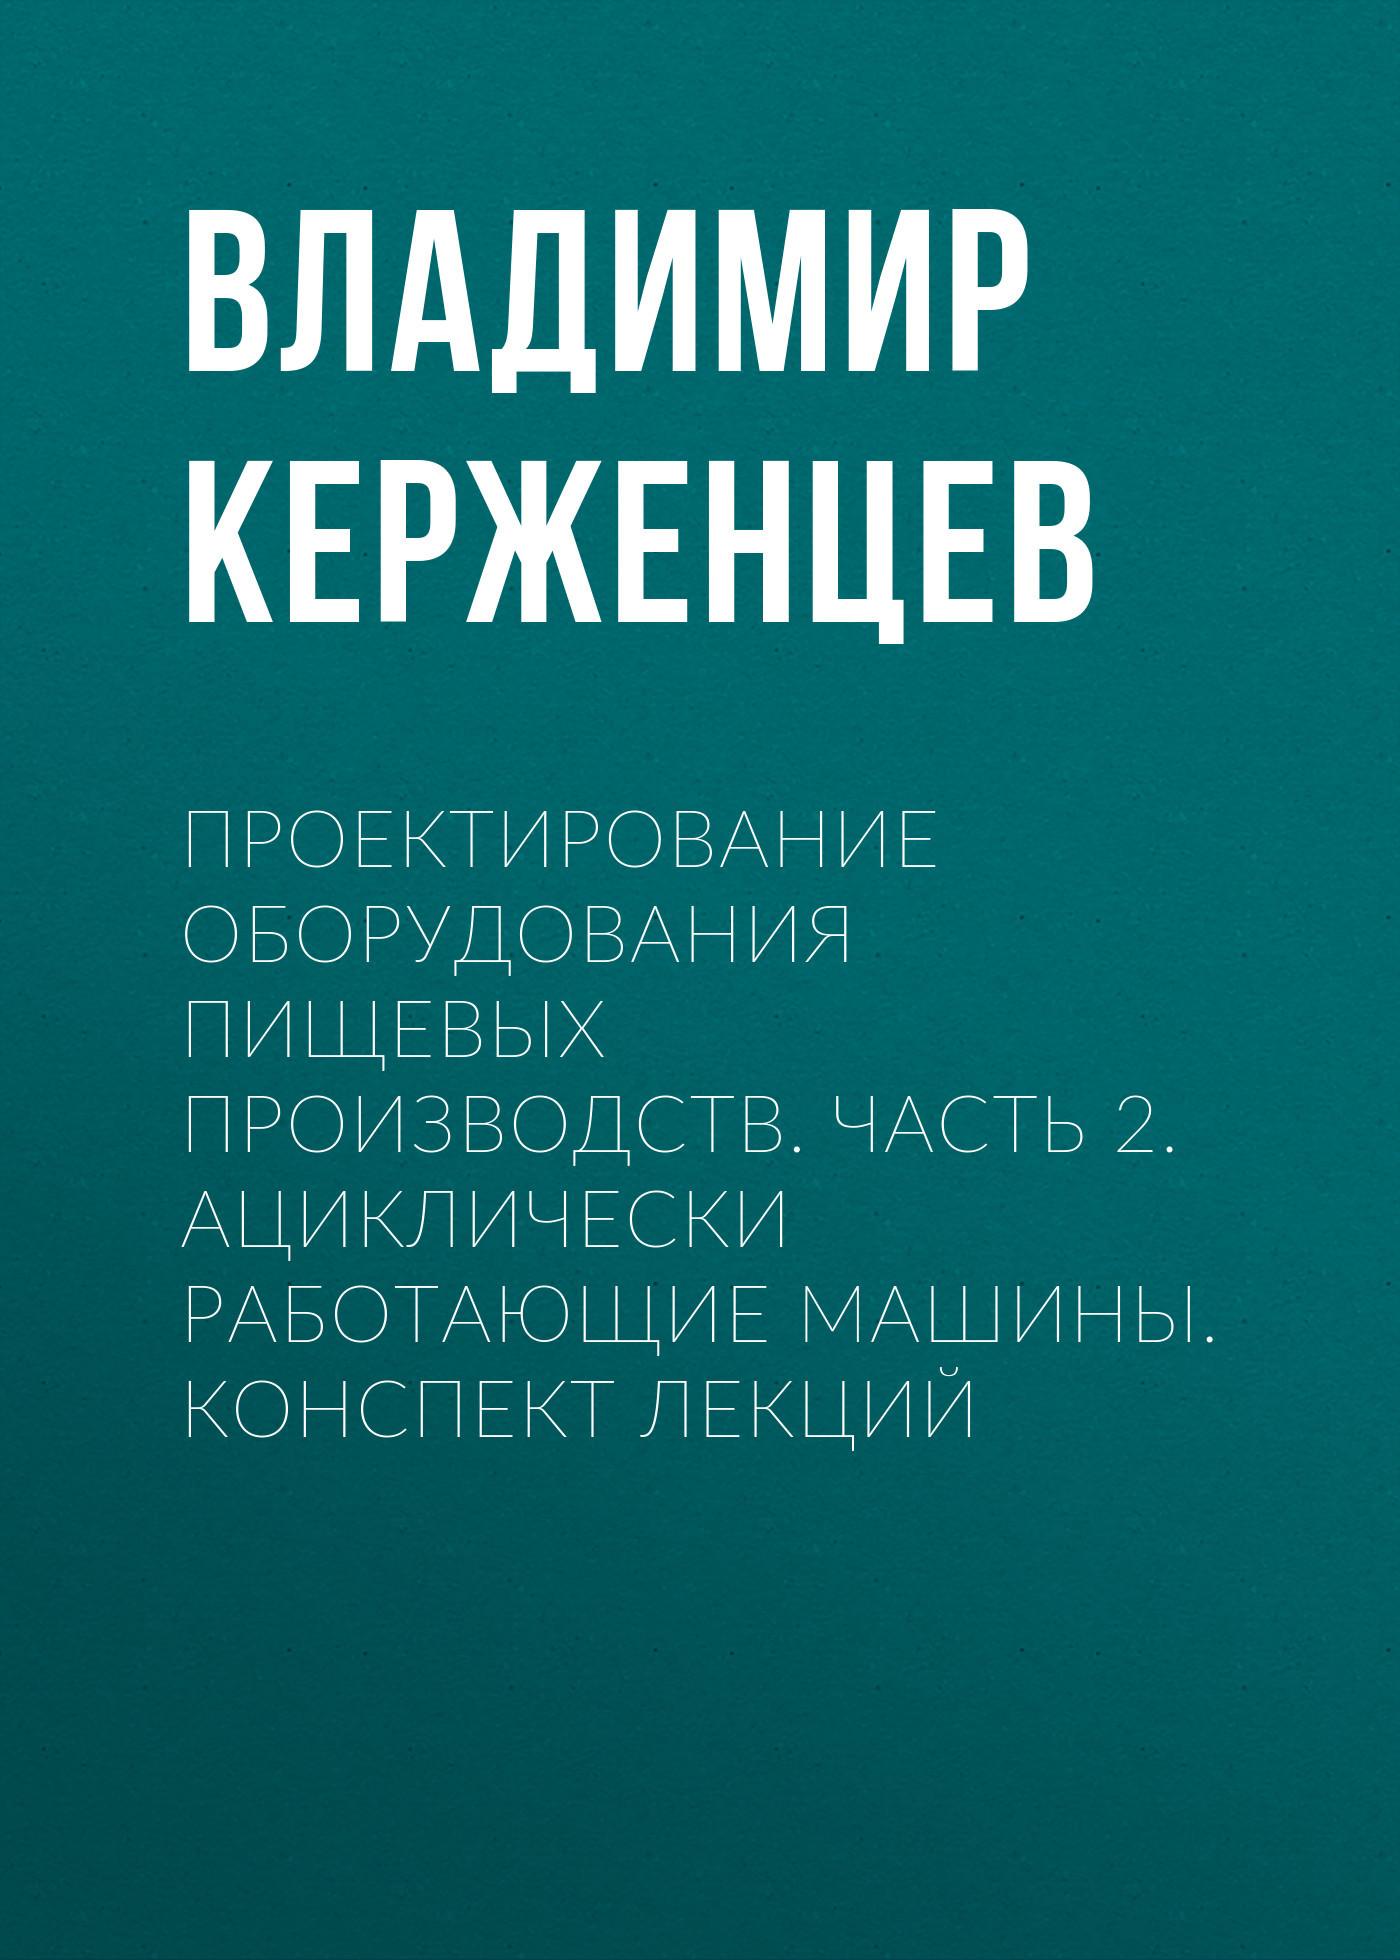 Владимир Керженцев Проектирование оборудования пищевых производств. Часть 2. Ациклически работающие машины. Конспект лекций